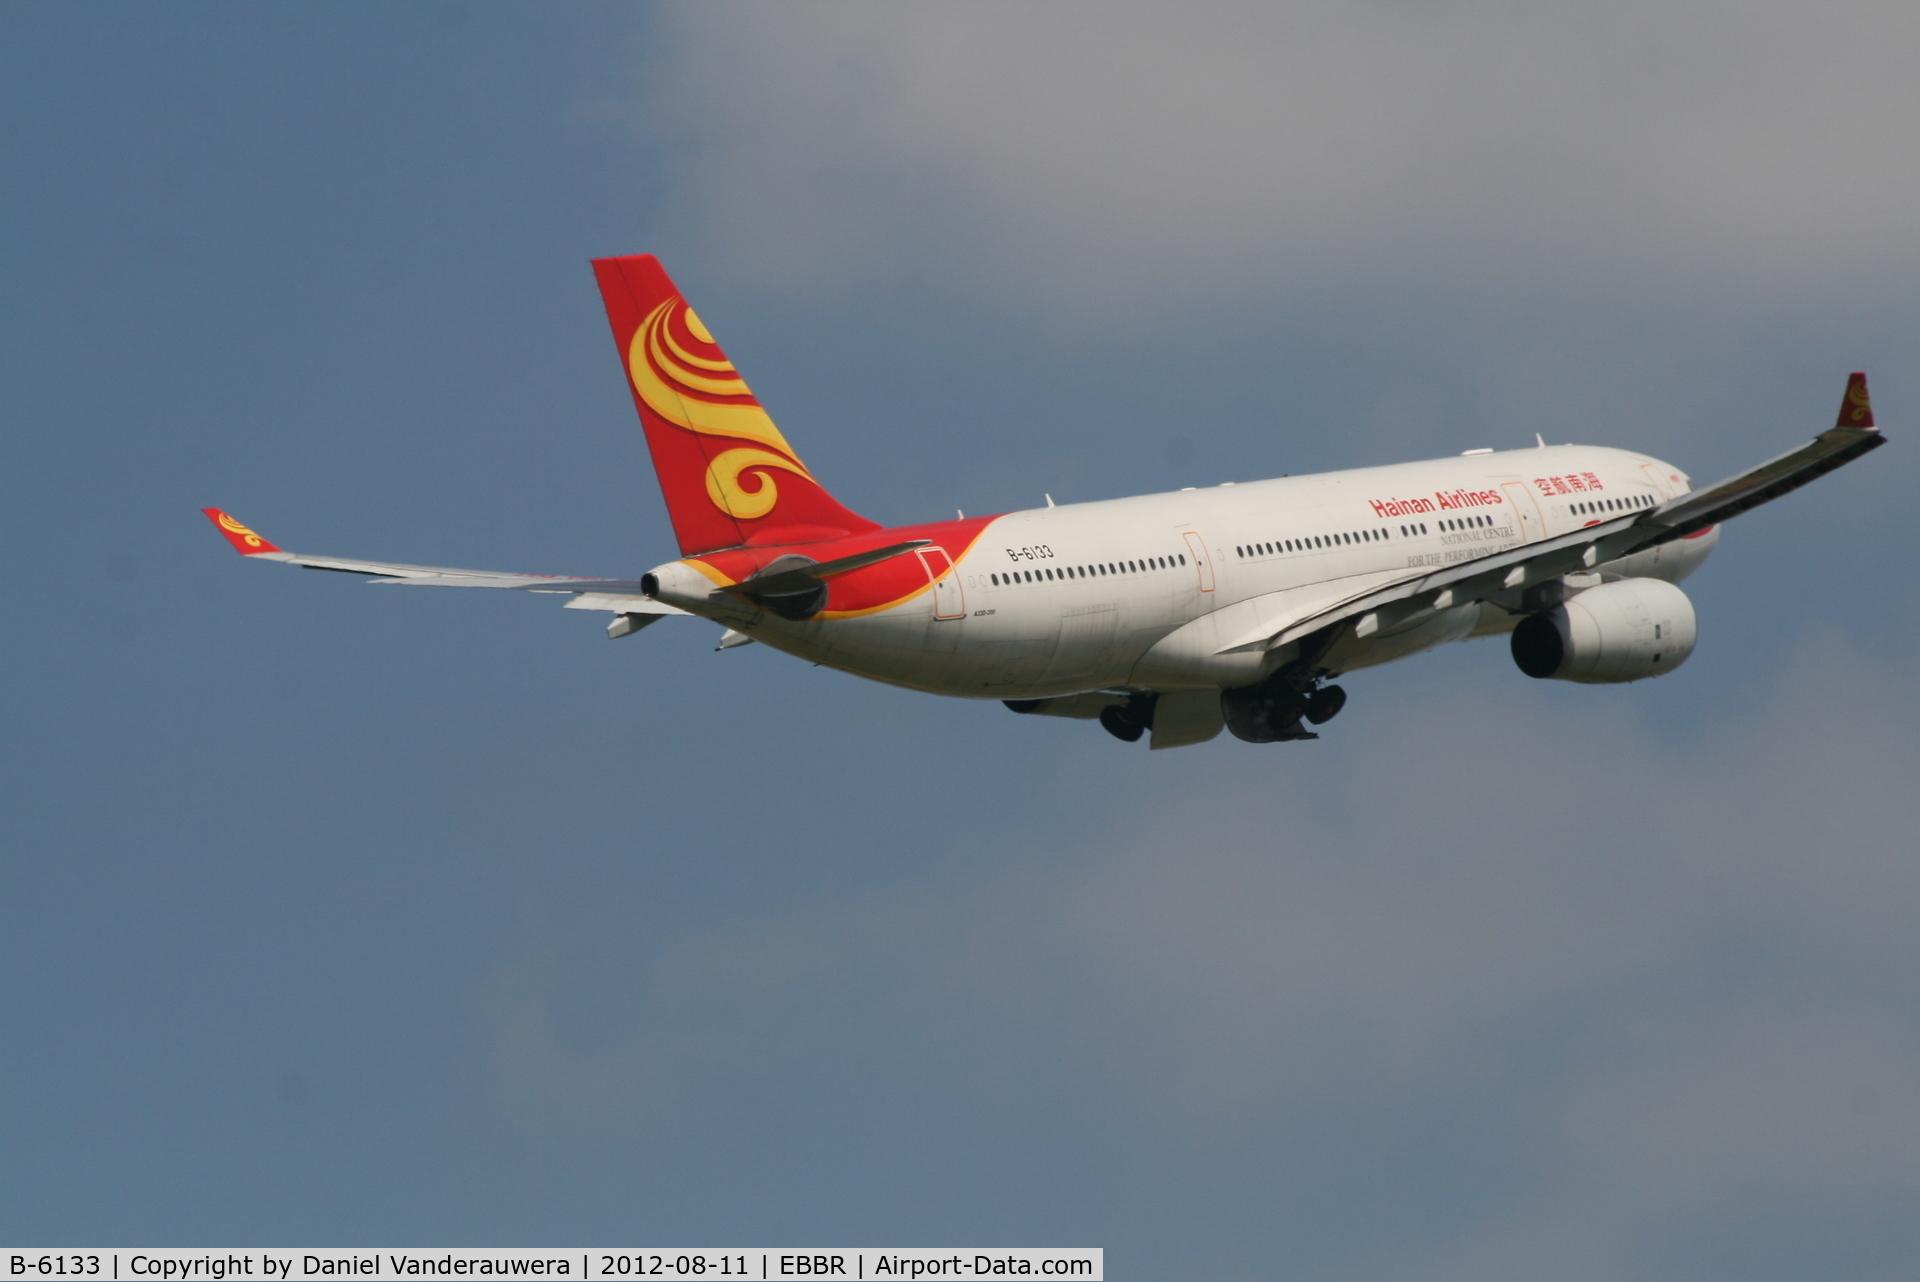 B-6133, 2009 Airbus A330-243 C/N 982, Flight HU492 is flying back to Beijing